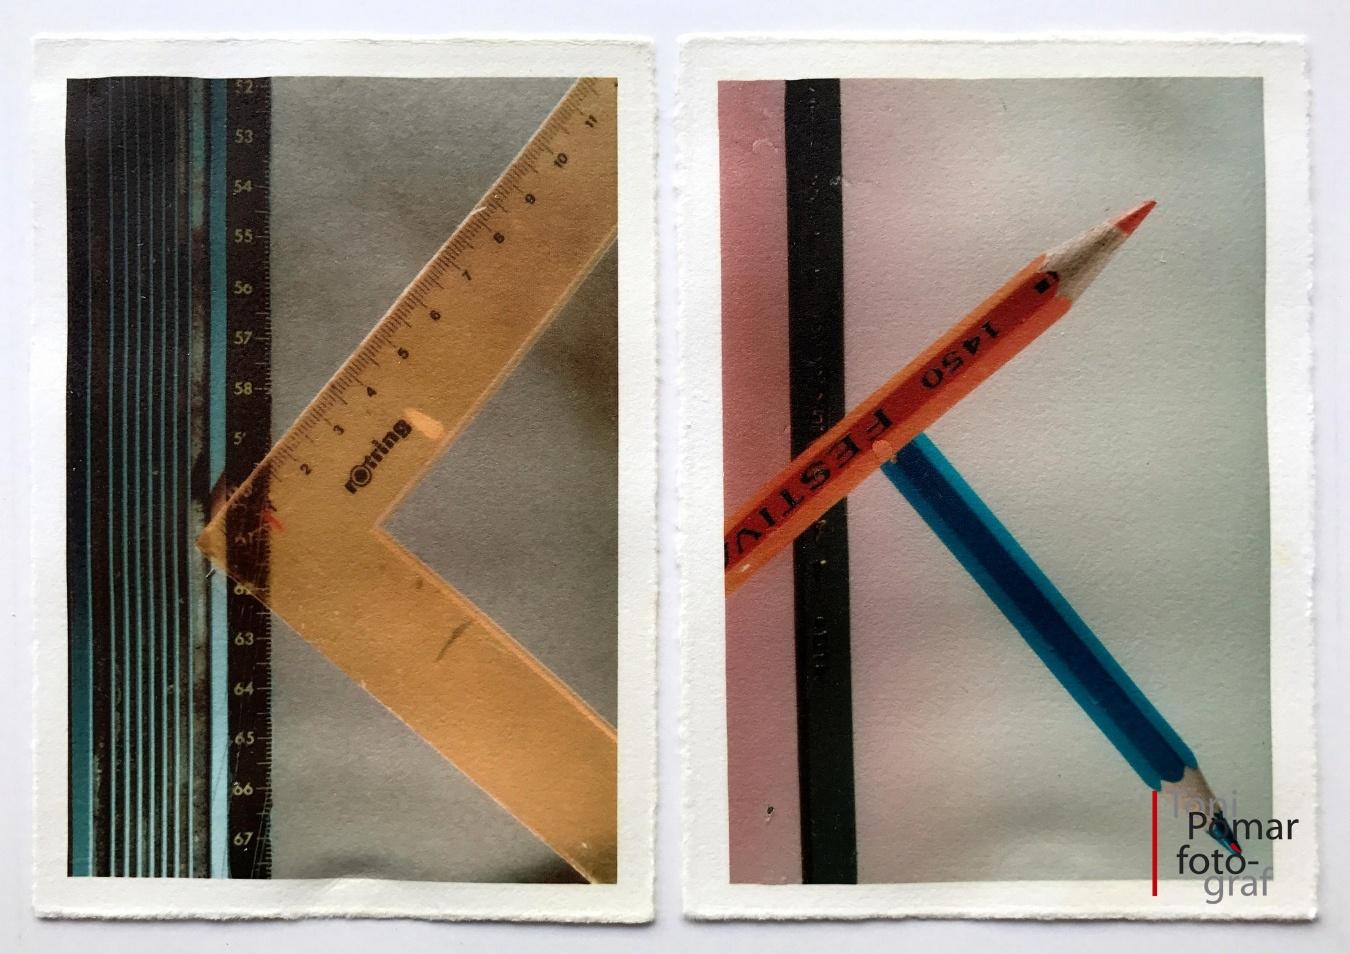 K - Regla d'alumini i escaire de plàstic   k - Els llapis de colors de n'Anna - Alfabet - Toni Pomar. Alfabet